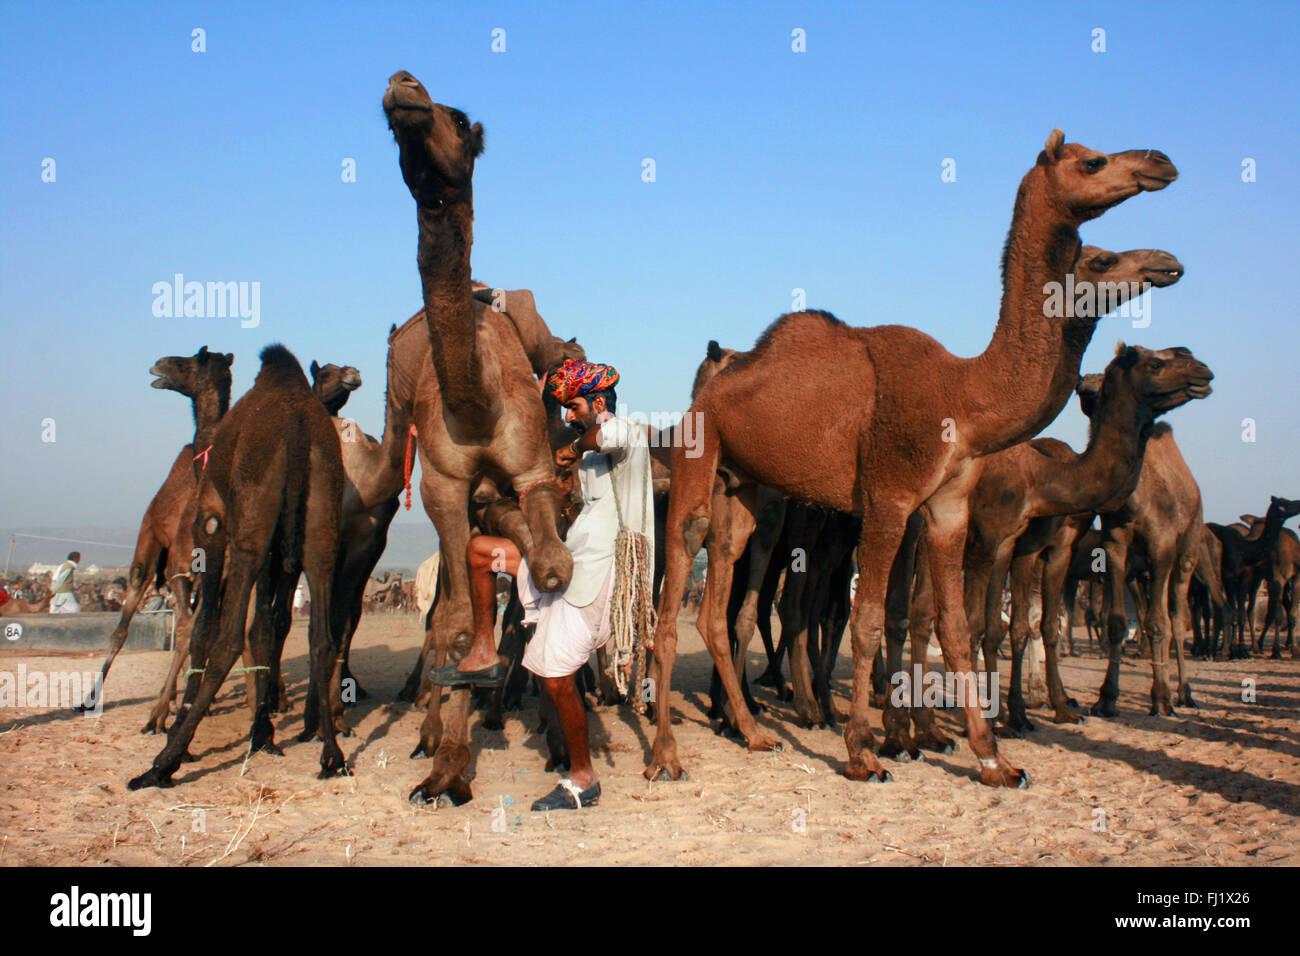 Los camellos y sus propietarios durante Pushkar mela feria de camellos en Rajasthan Foto de stock